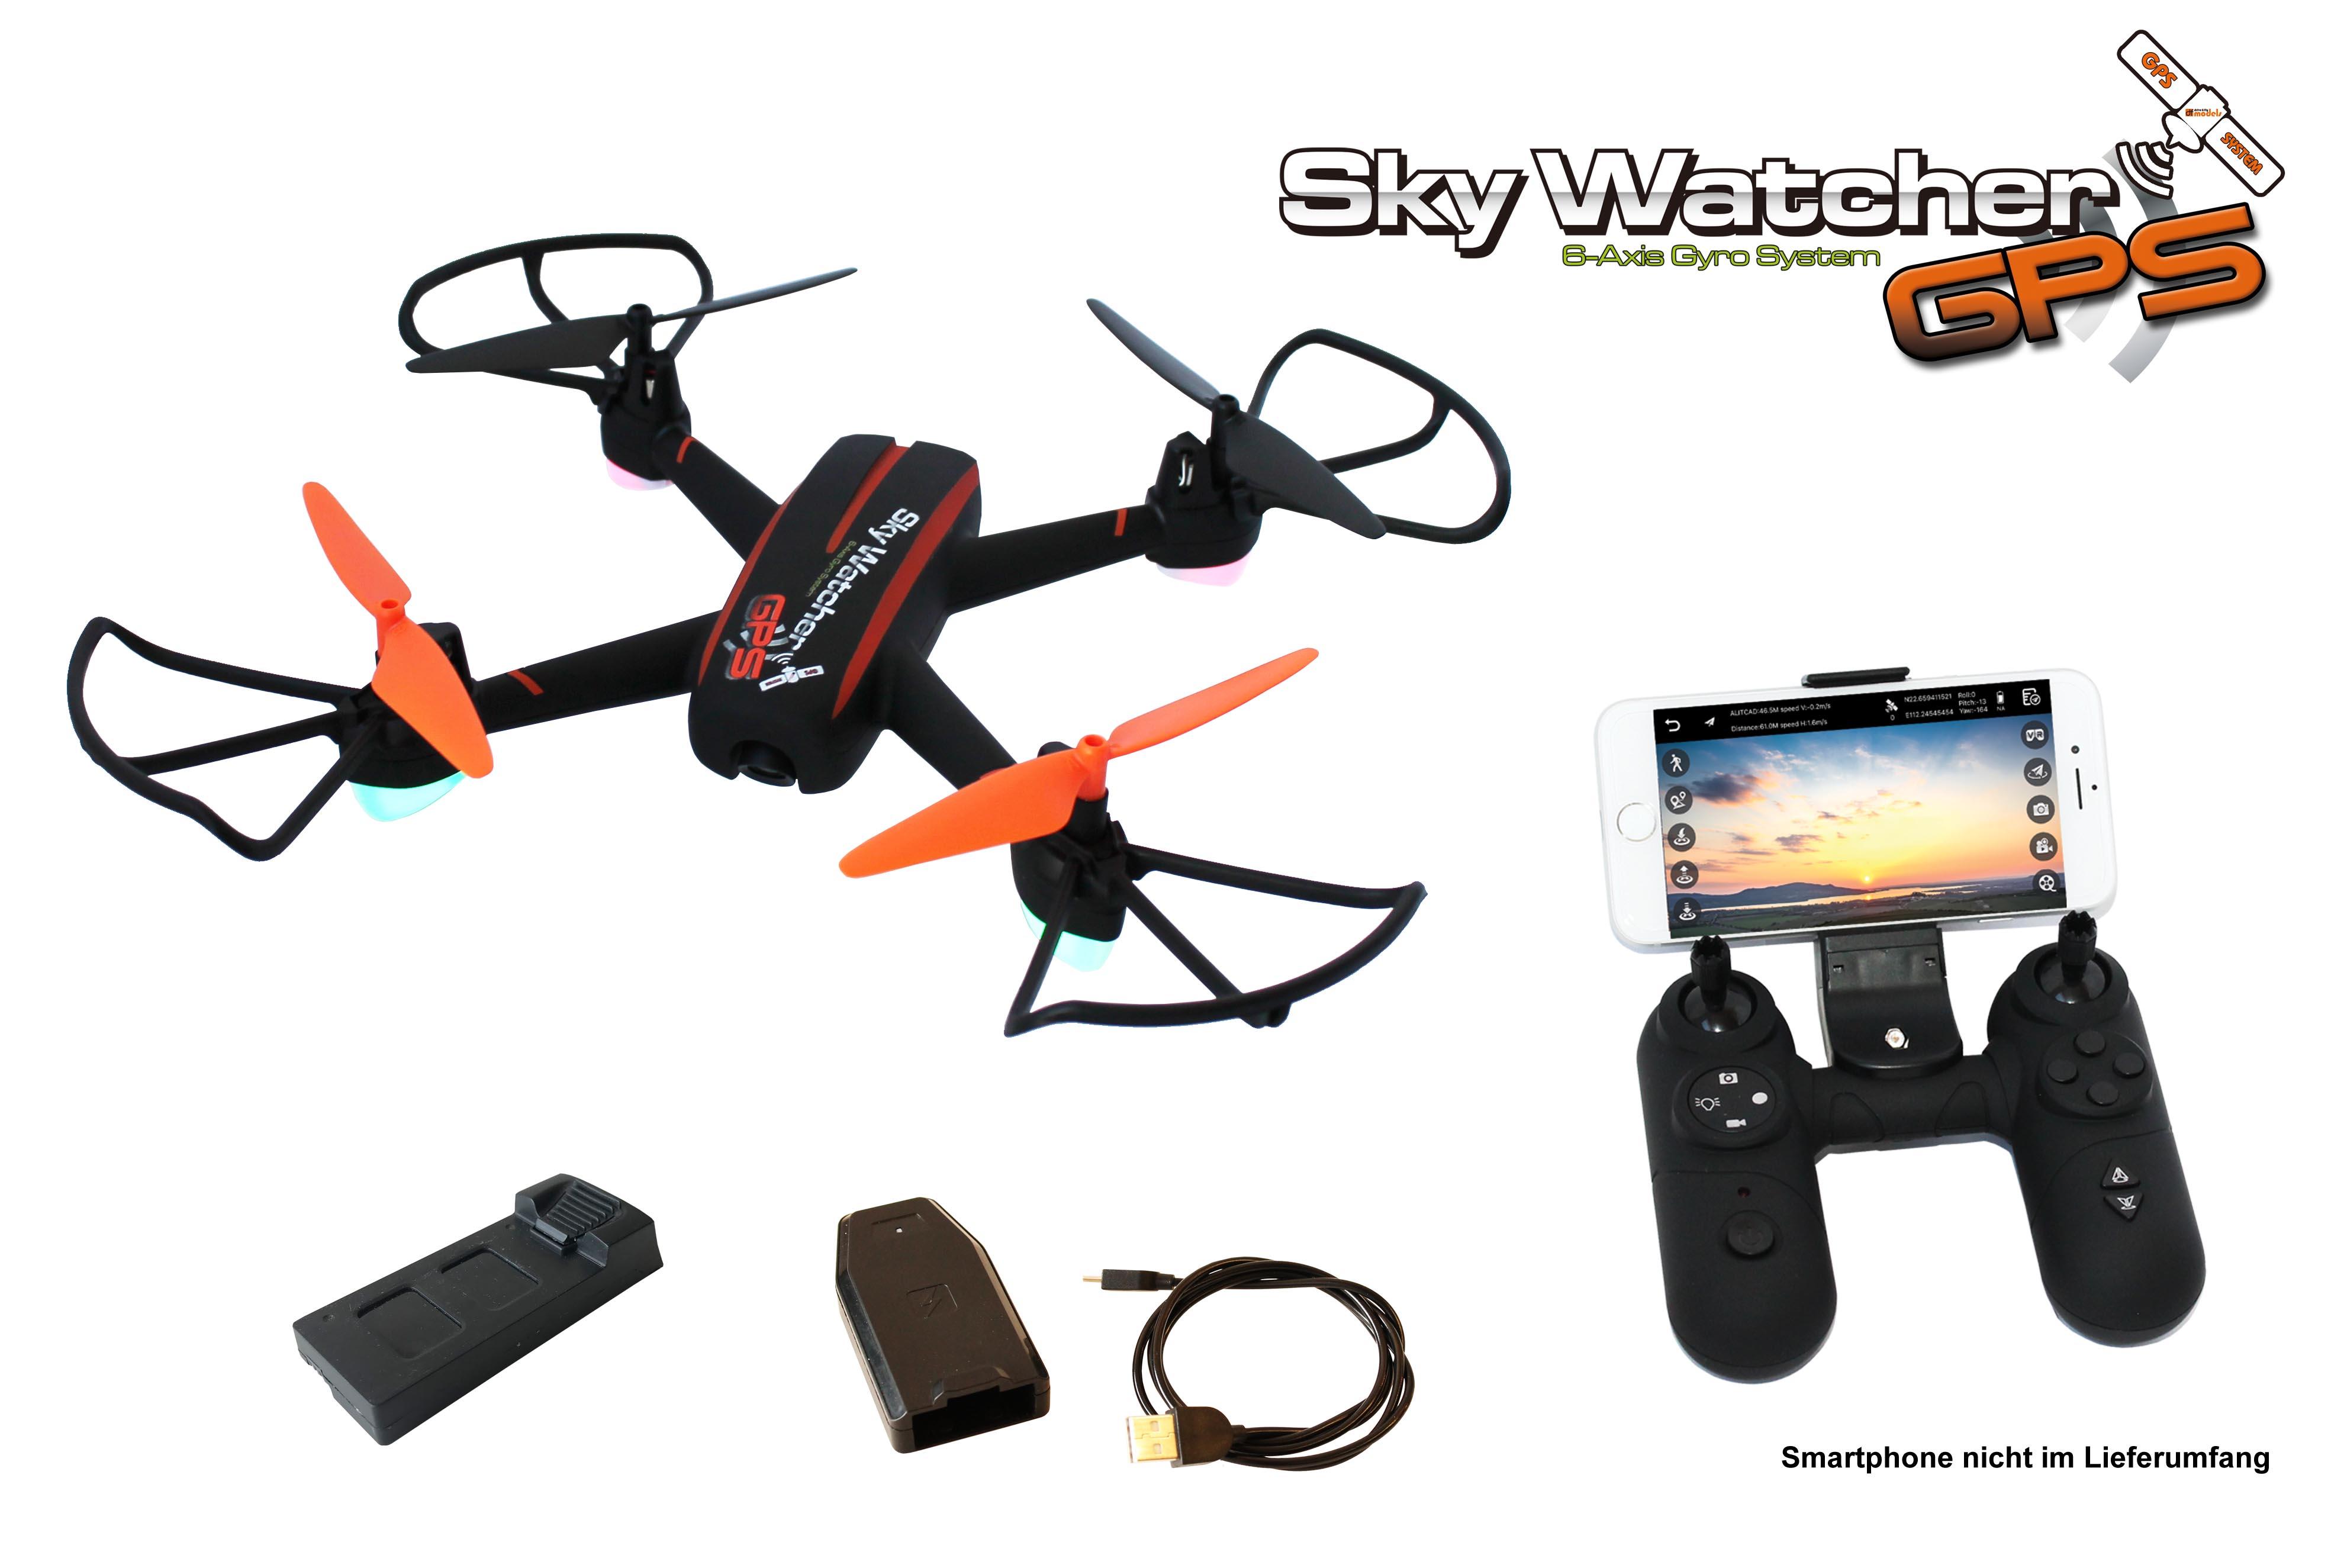 SkyWatcher GPS